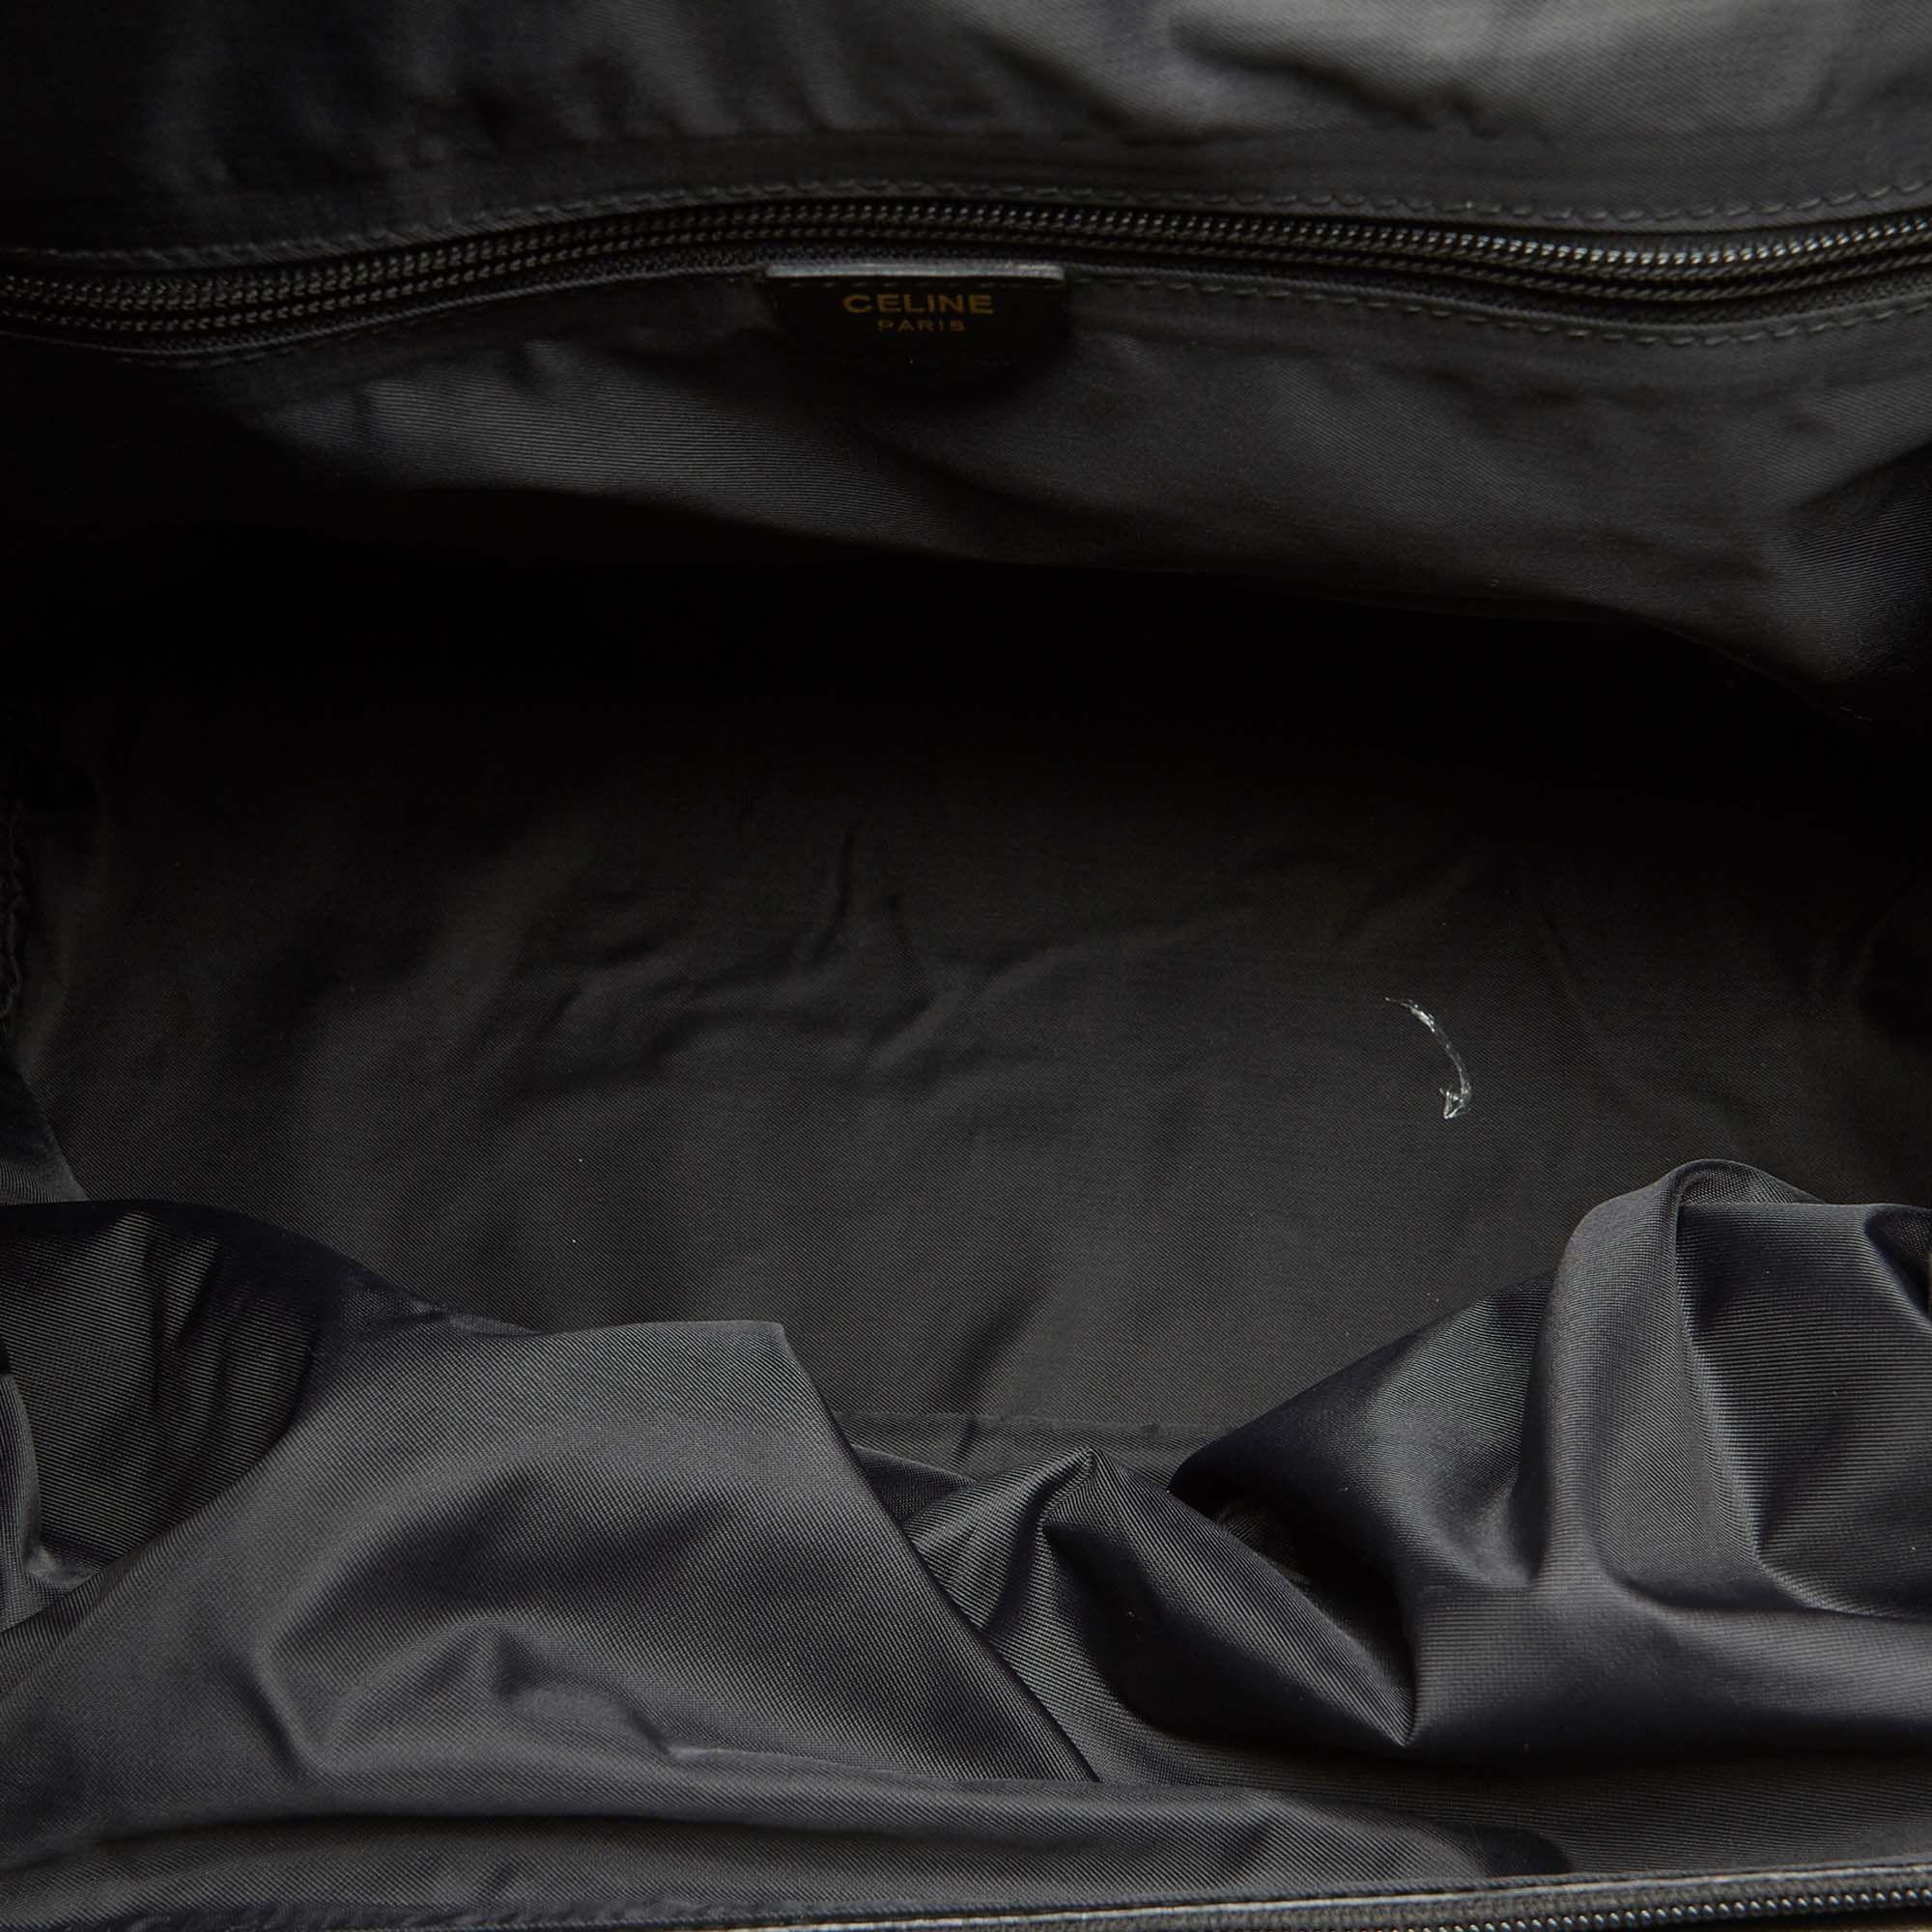 Vintage Celine Nylon Handbag Black